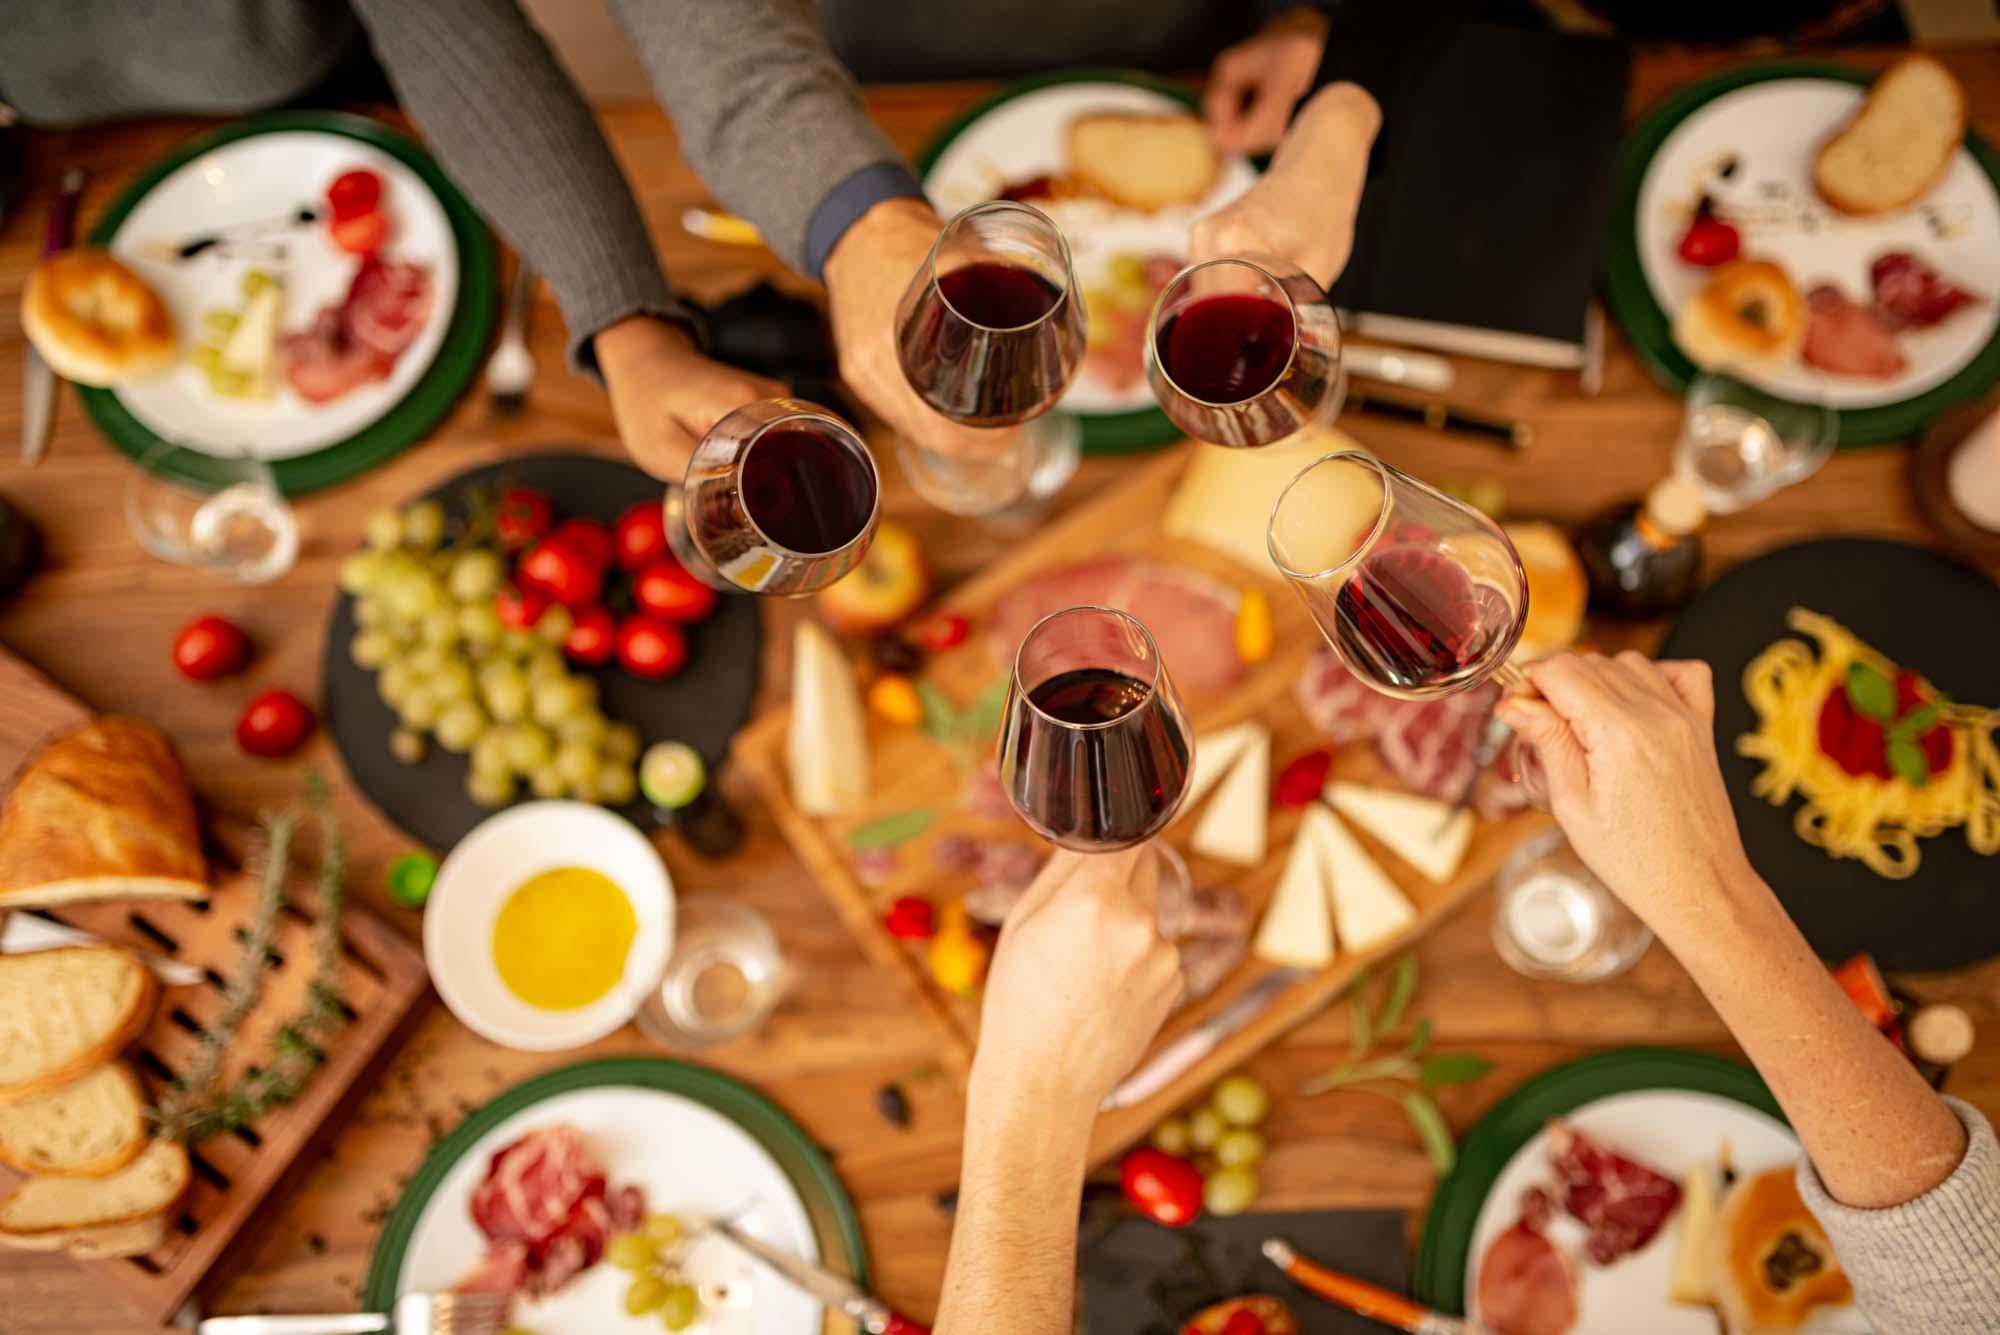 Corsi Di Cucina Formazione Manageriale a Arezzo